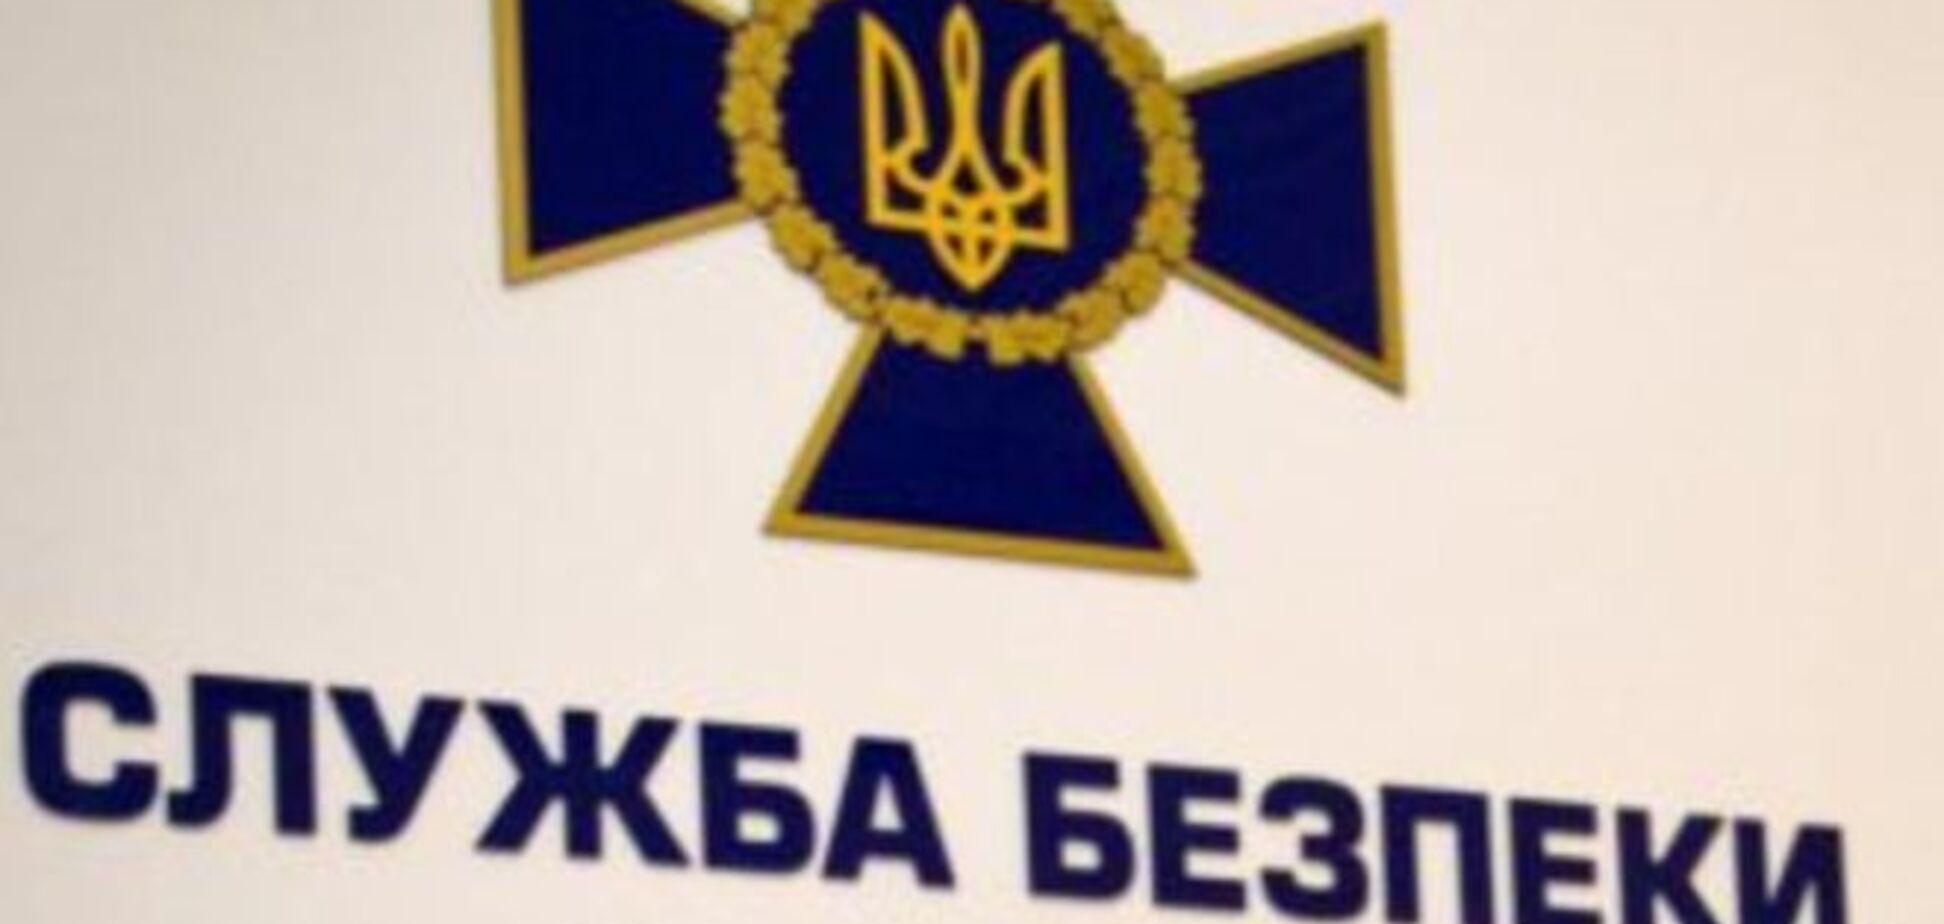 У Донецькій області затримали агента ФСБ: Відеофакт